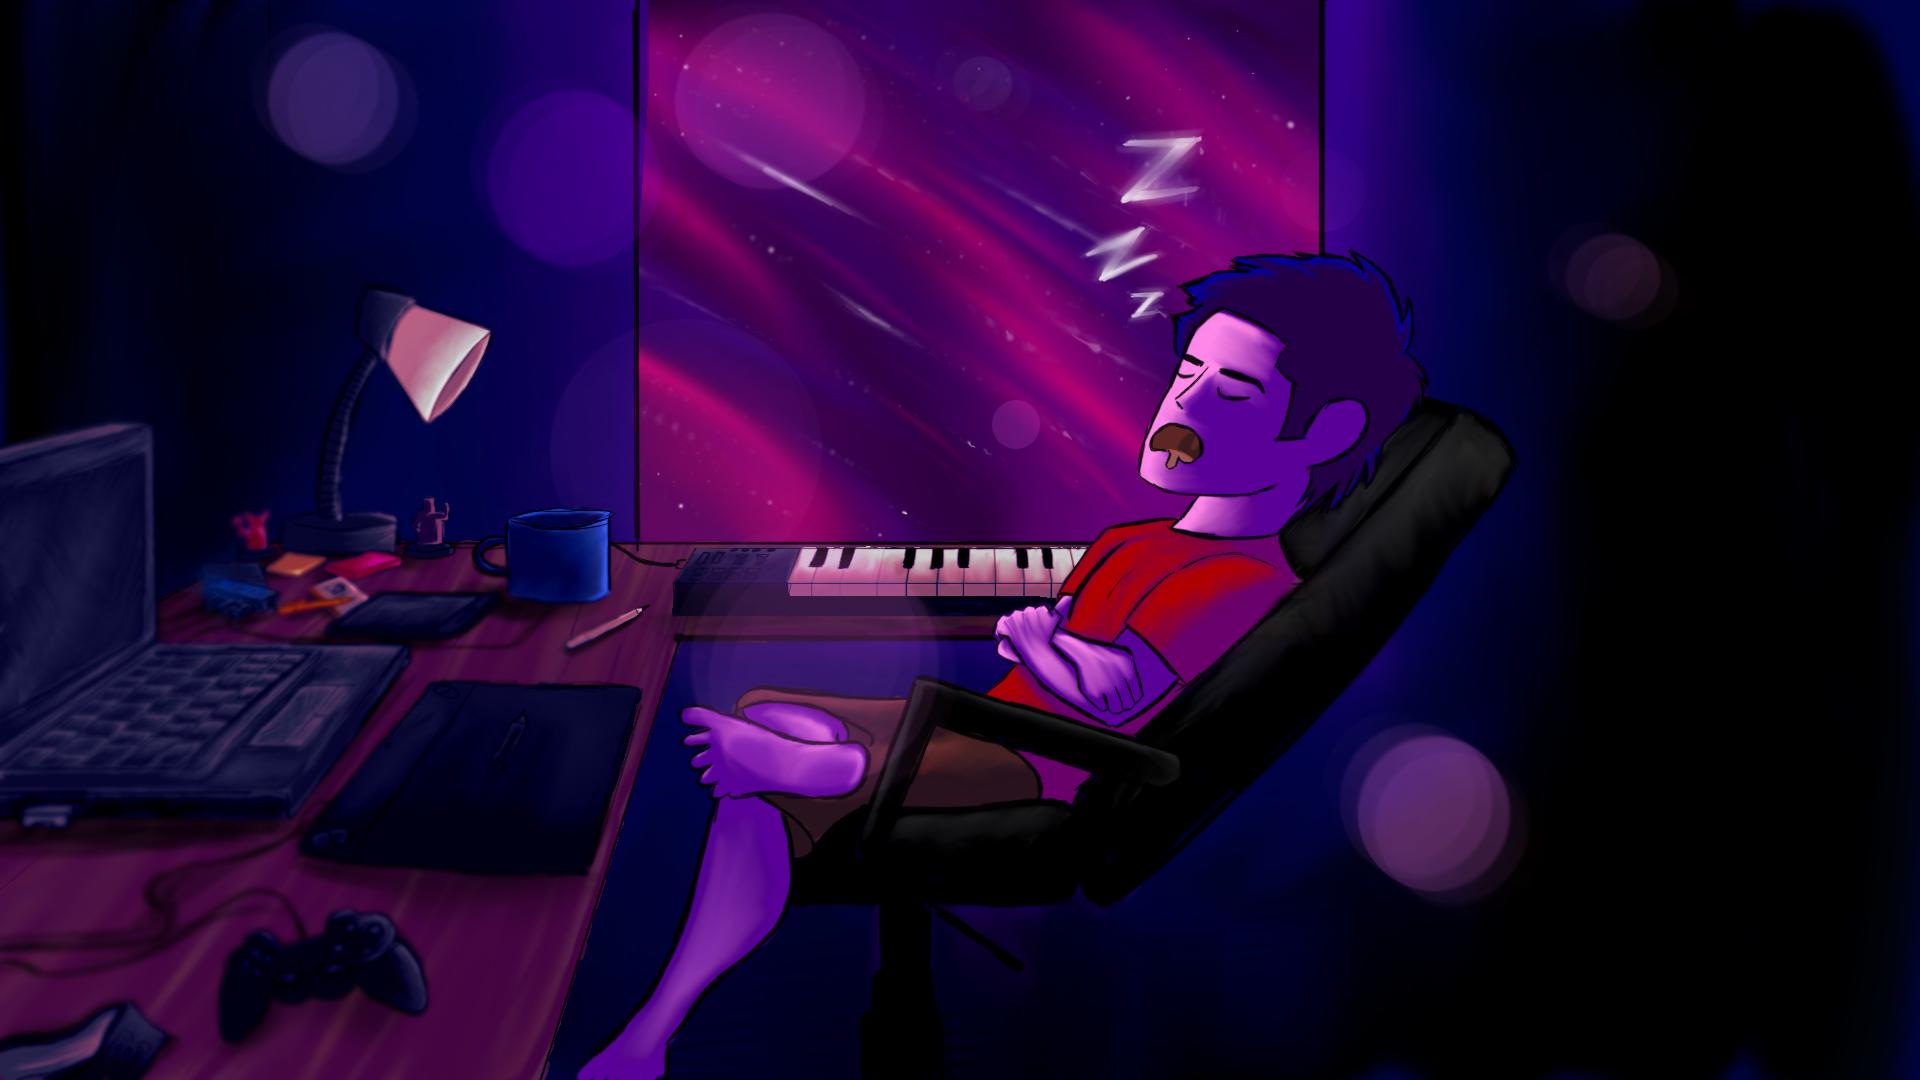 Sleeping Offline